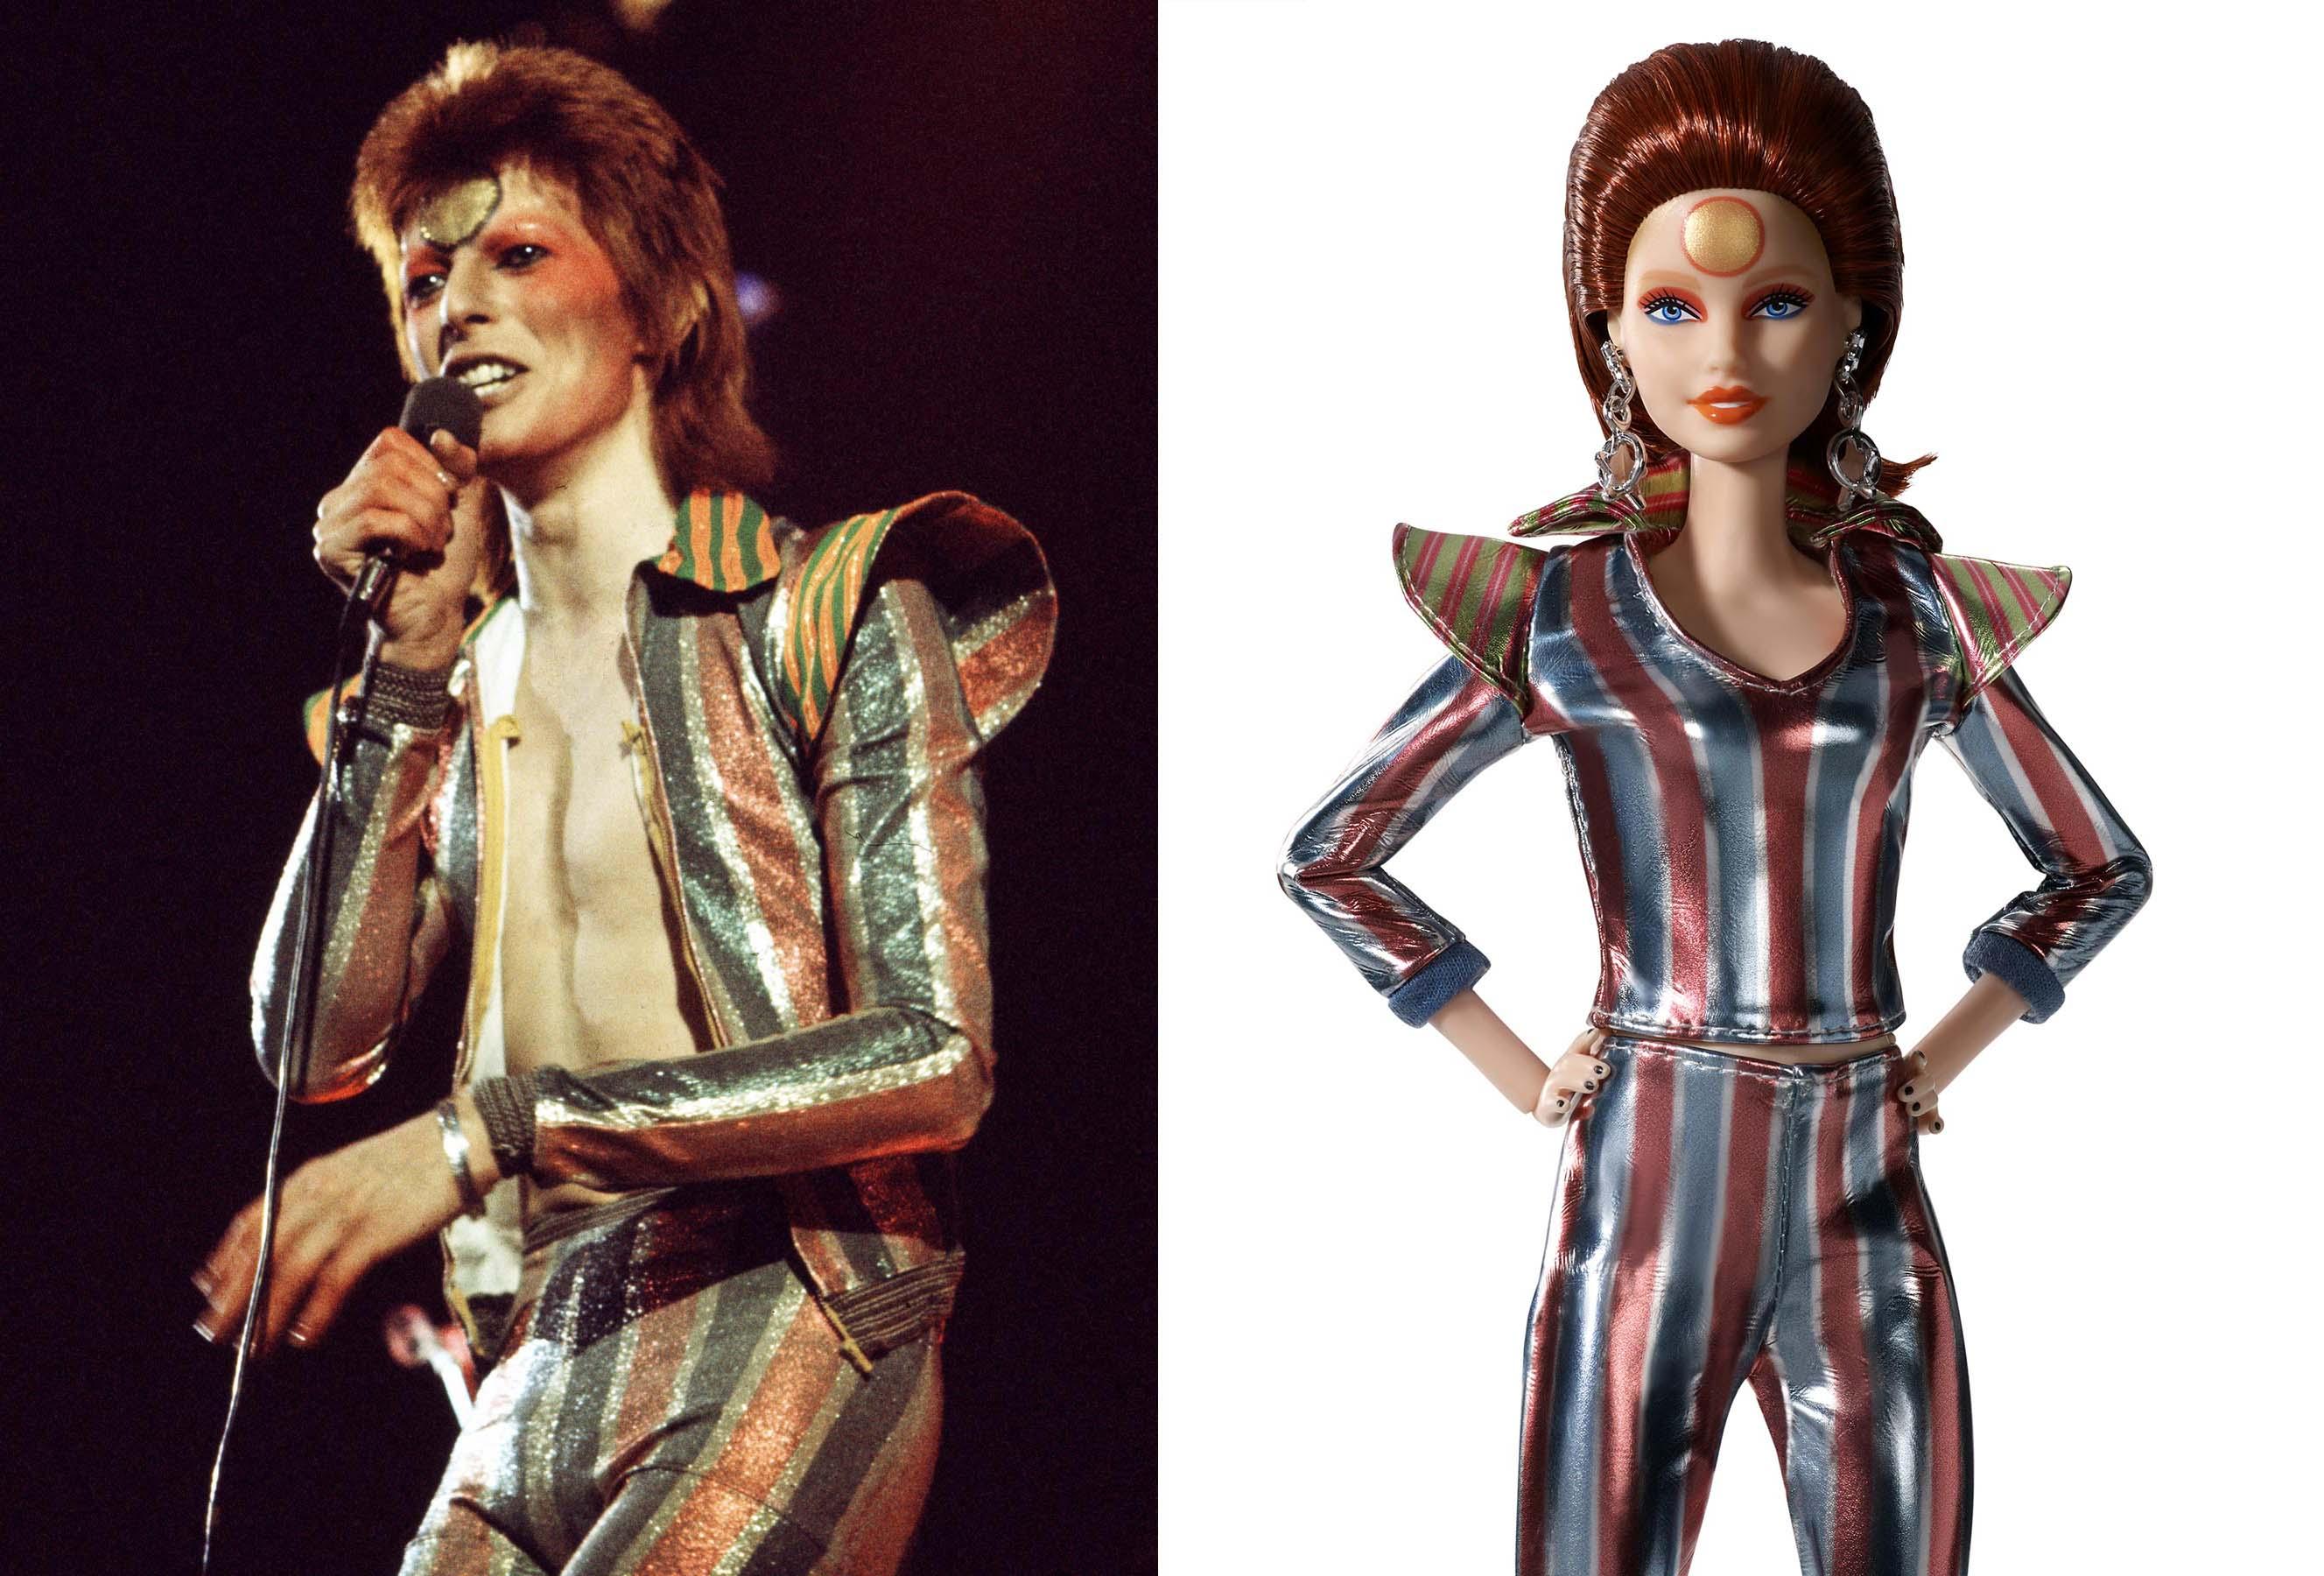 barbie_ziggy-stardust